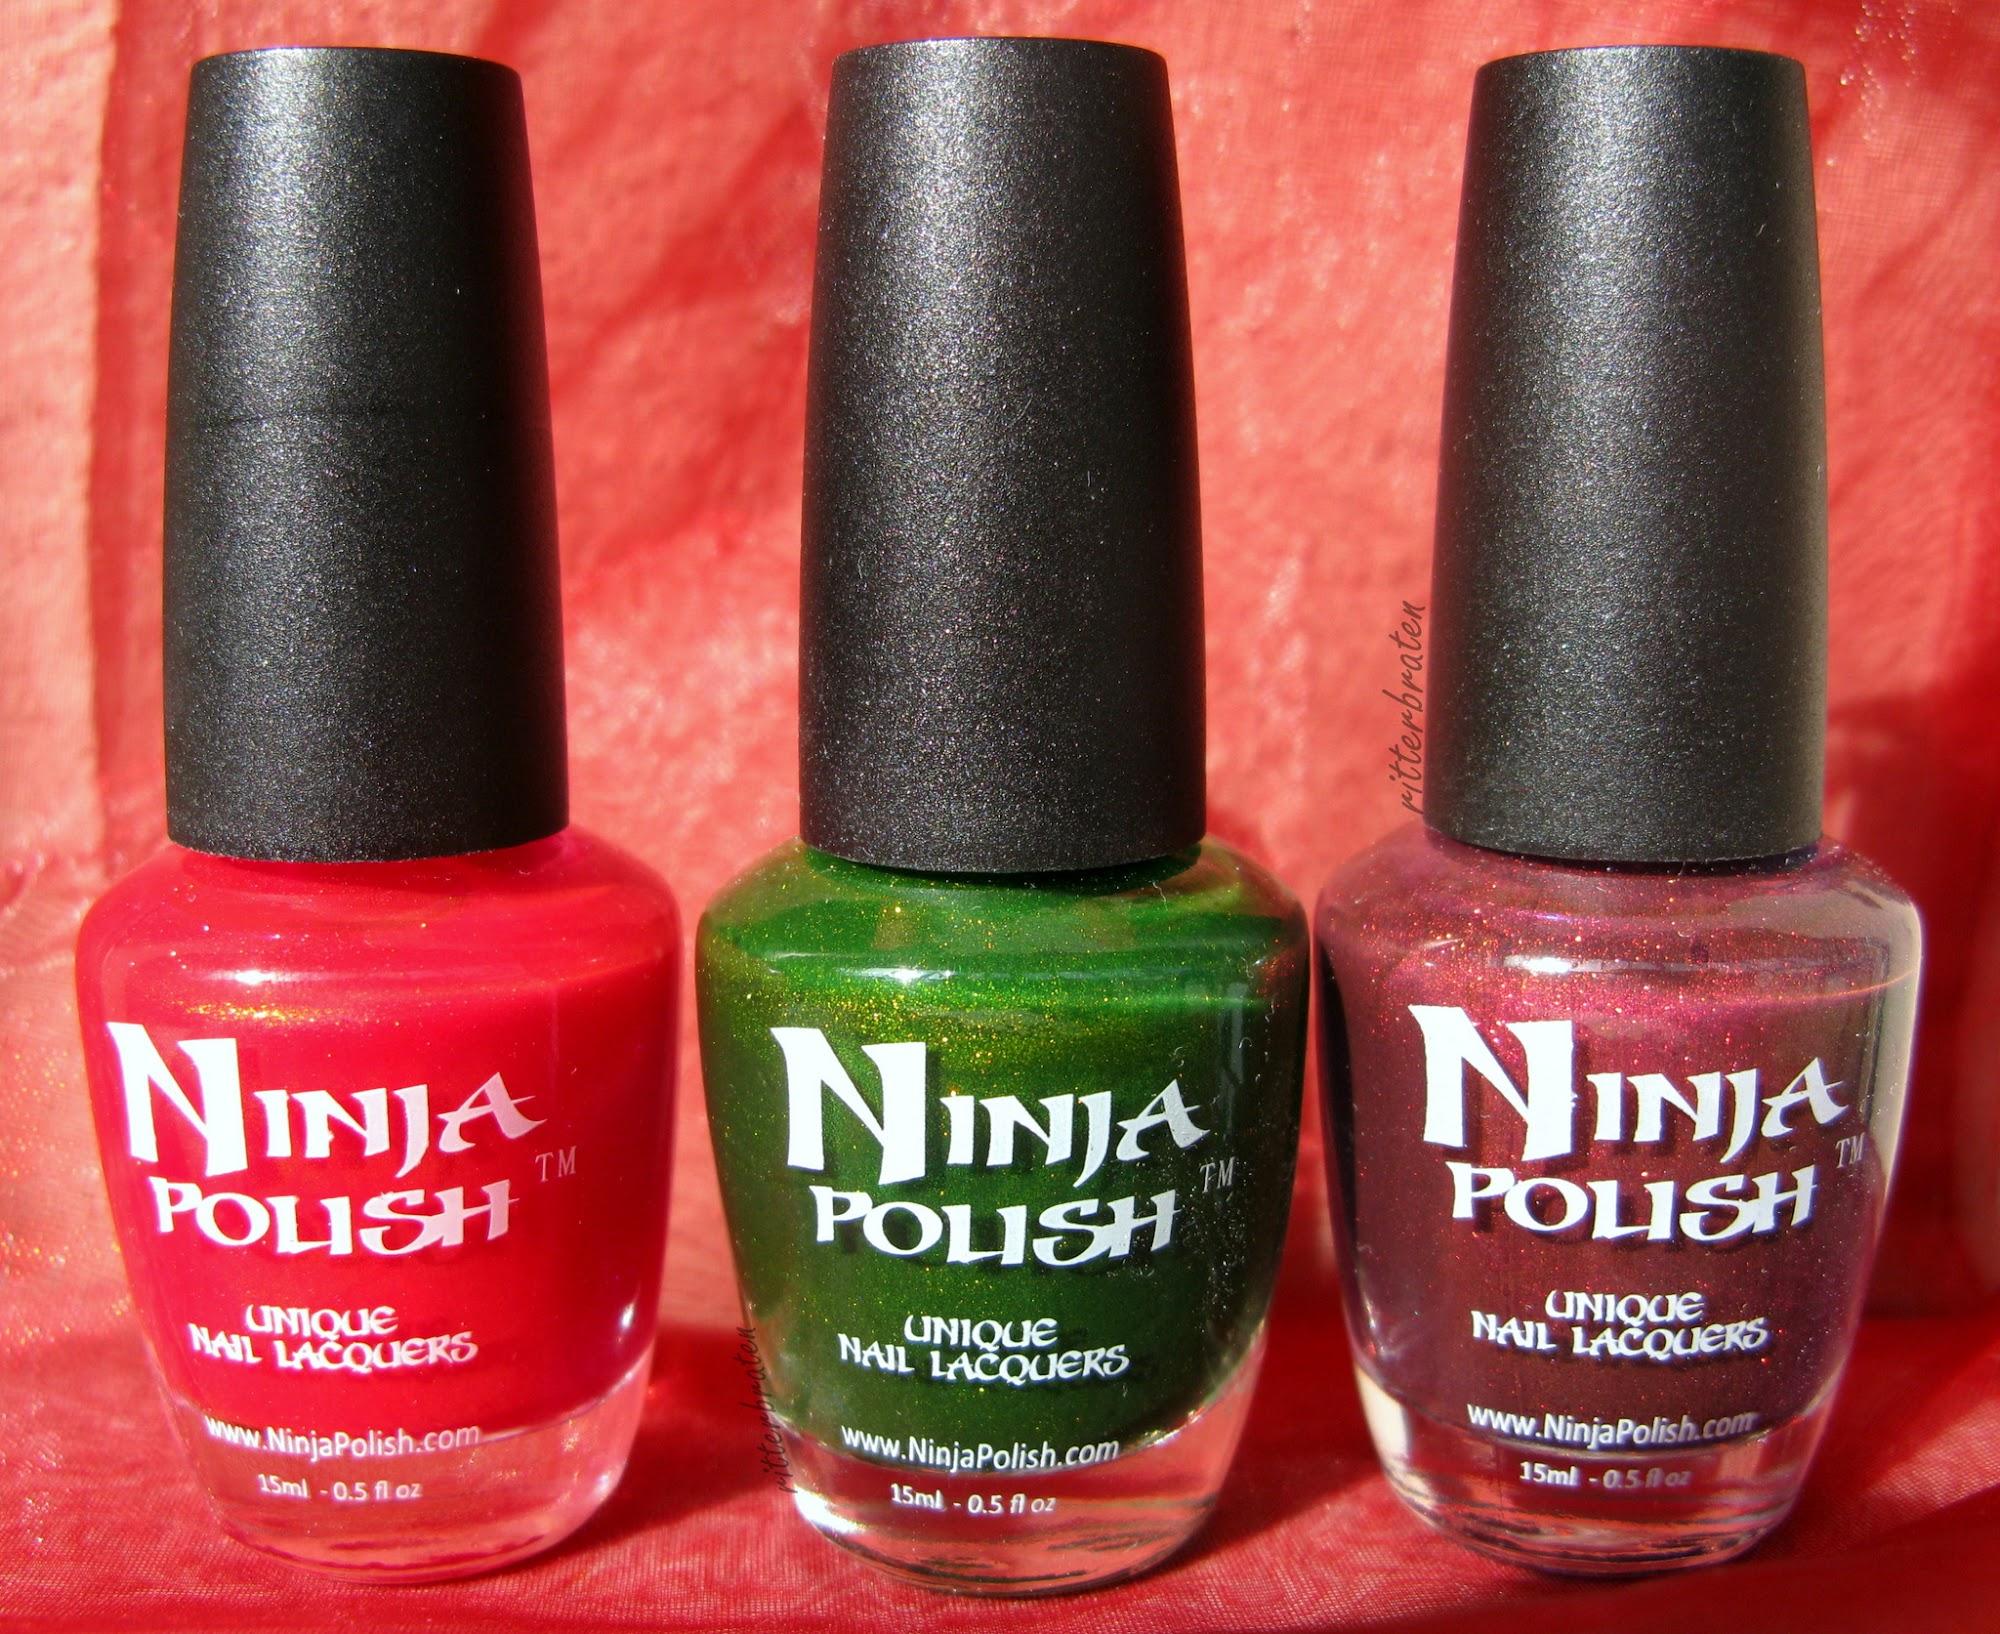 Ninja nail polish